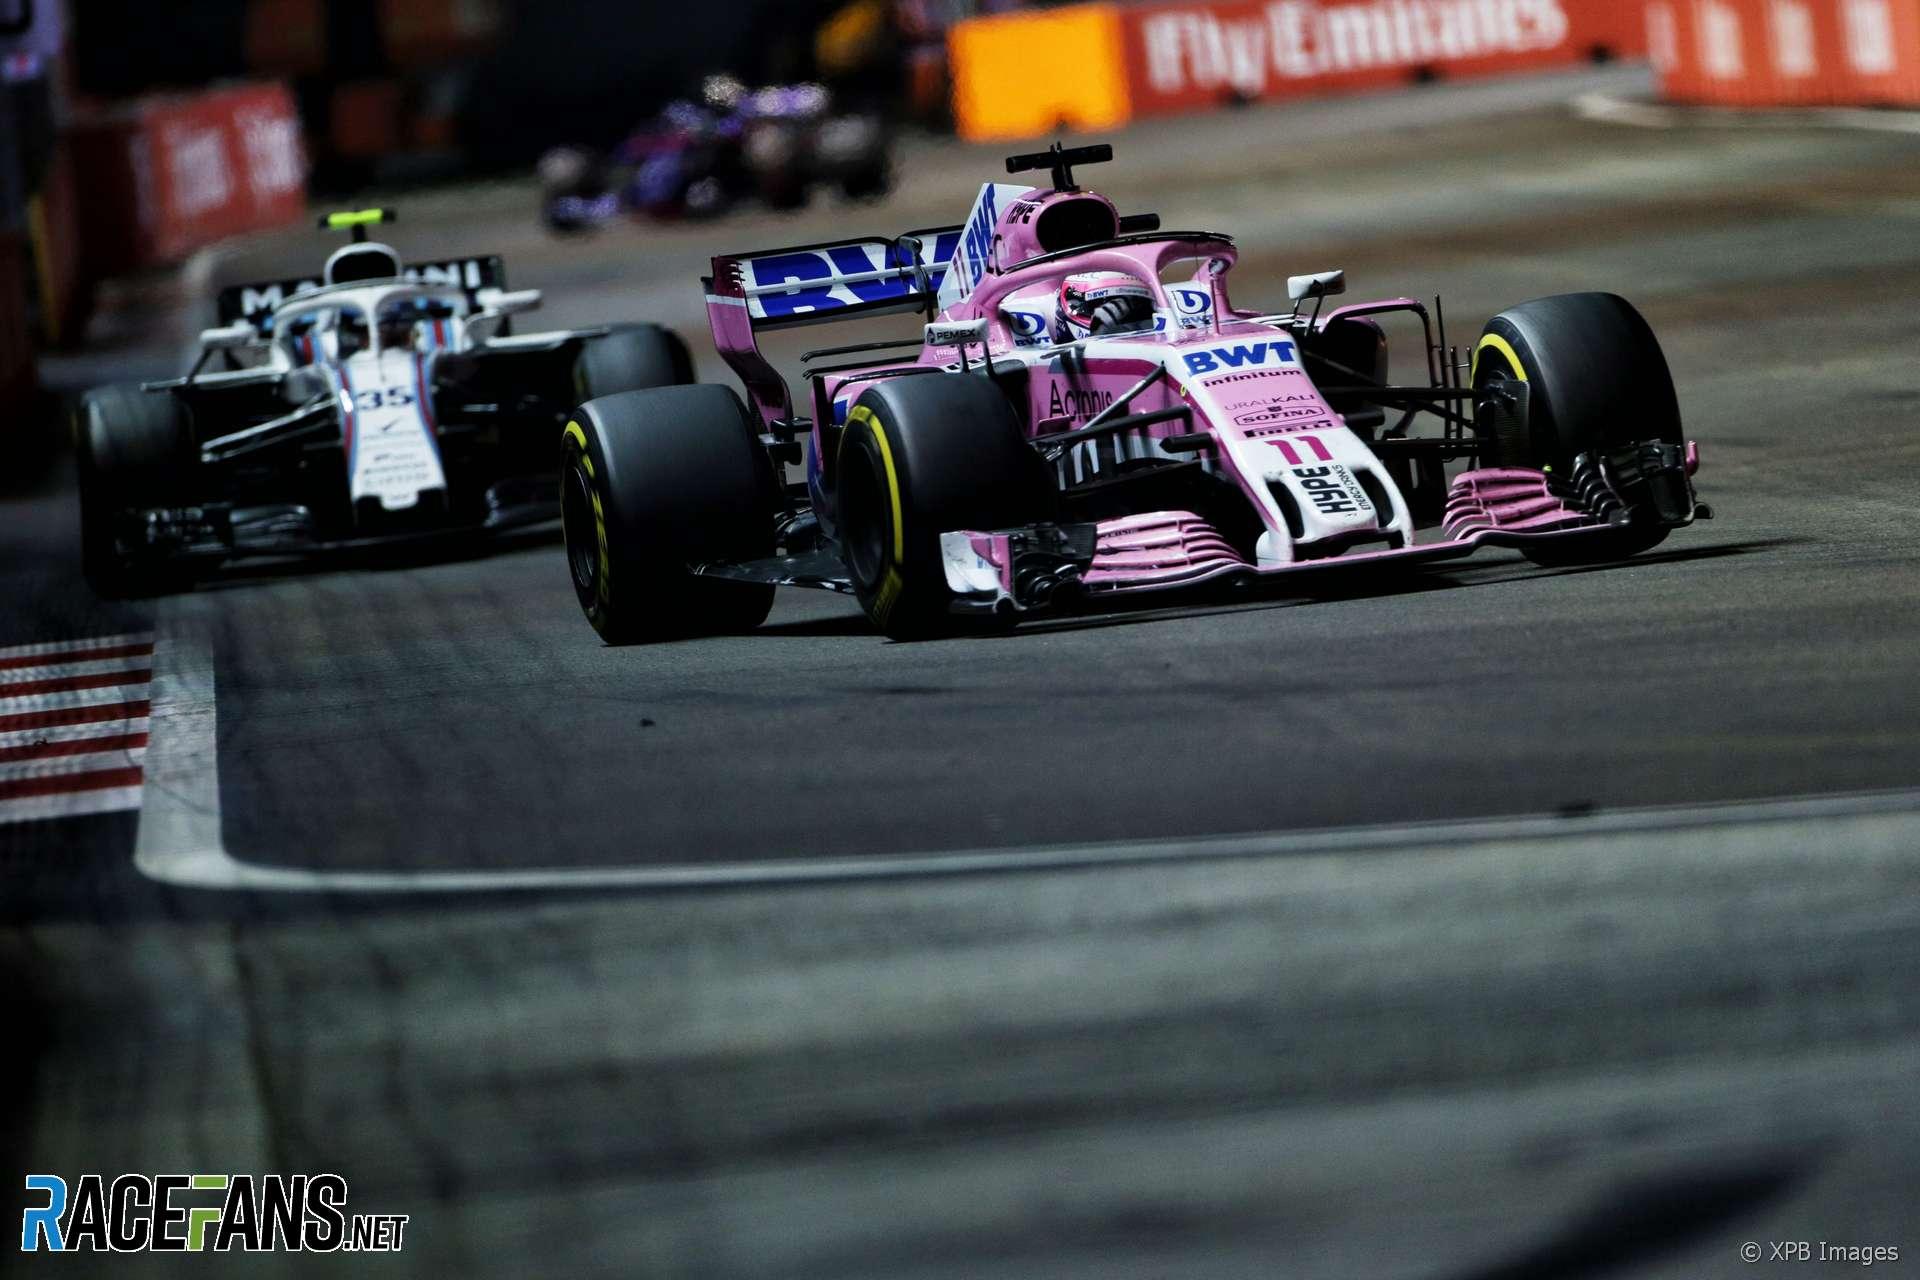 Sergio Perez, Force India, Singapore, 2018